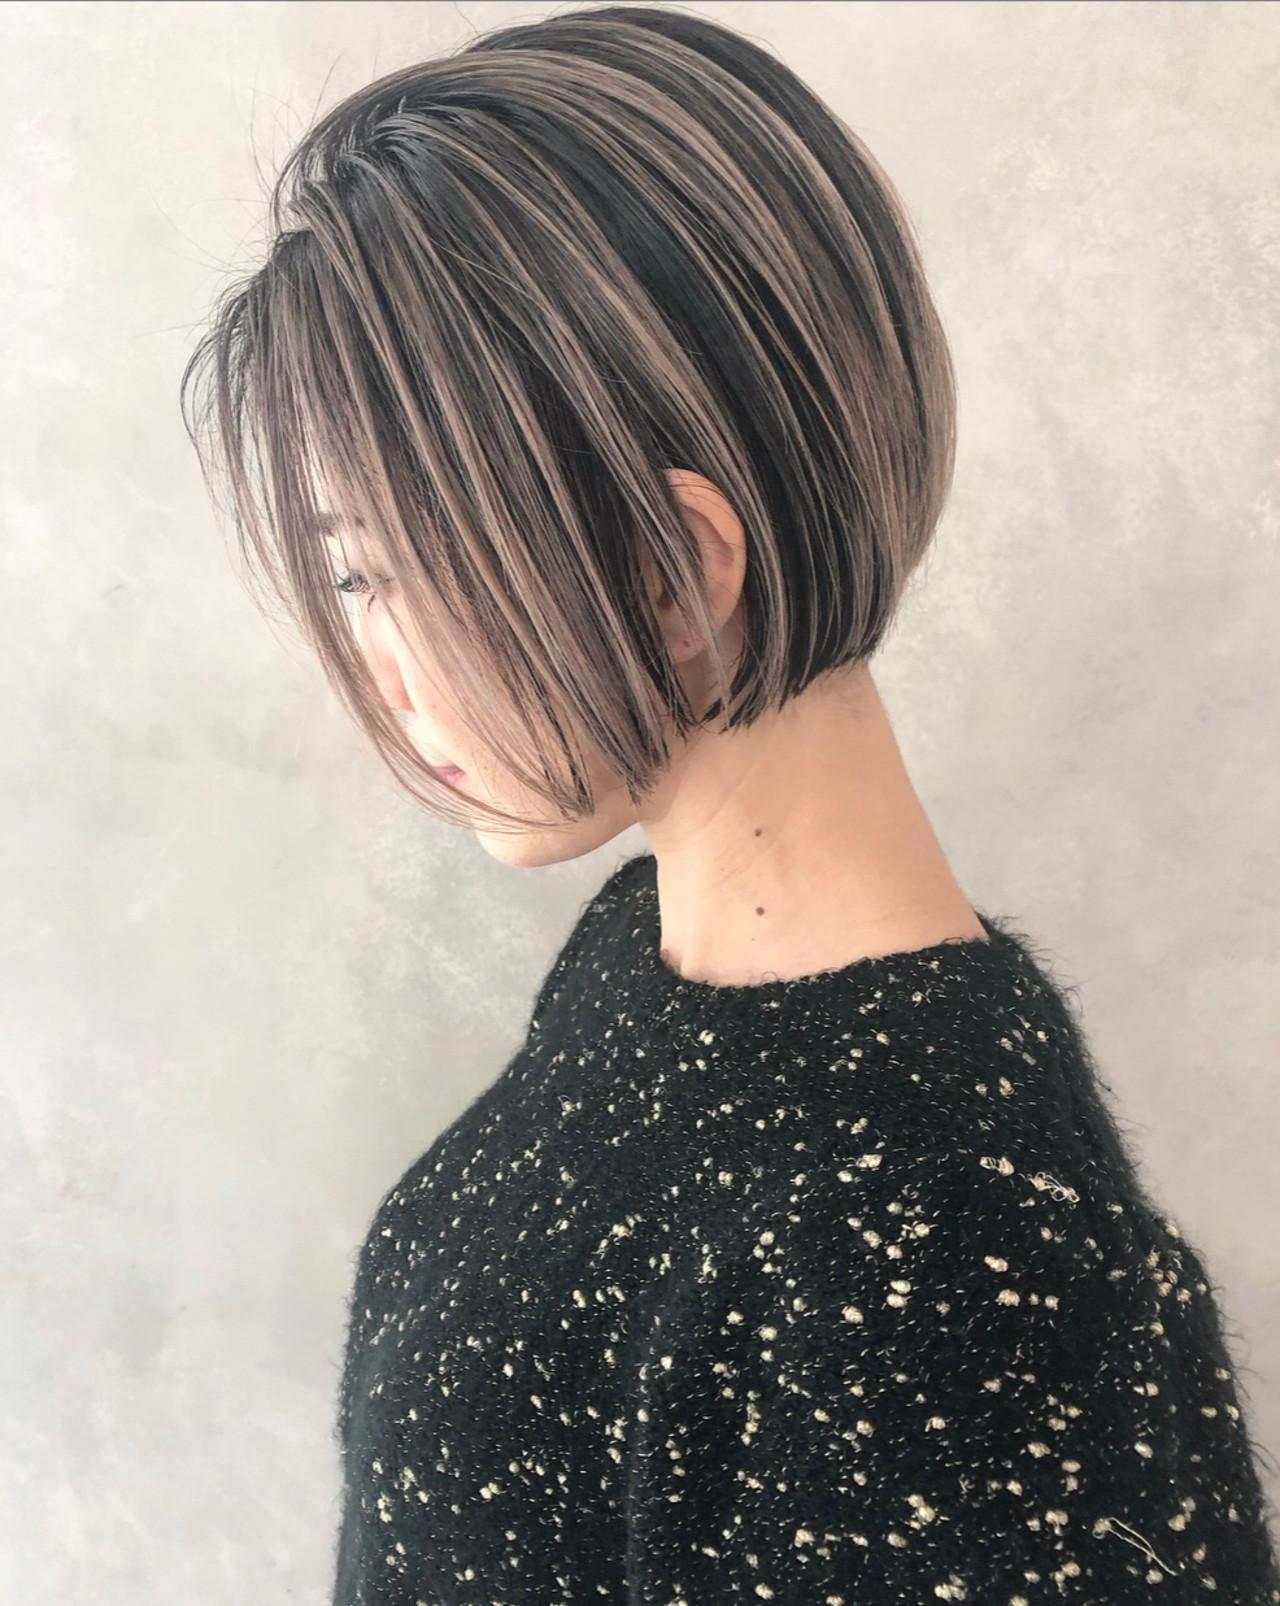 ミニボブ ボブ 切りっぱなしボブ ショートボブ ヘアスタイルや髪型の写真・画像 | ALT 森田 正浩 / ALT